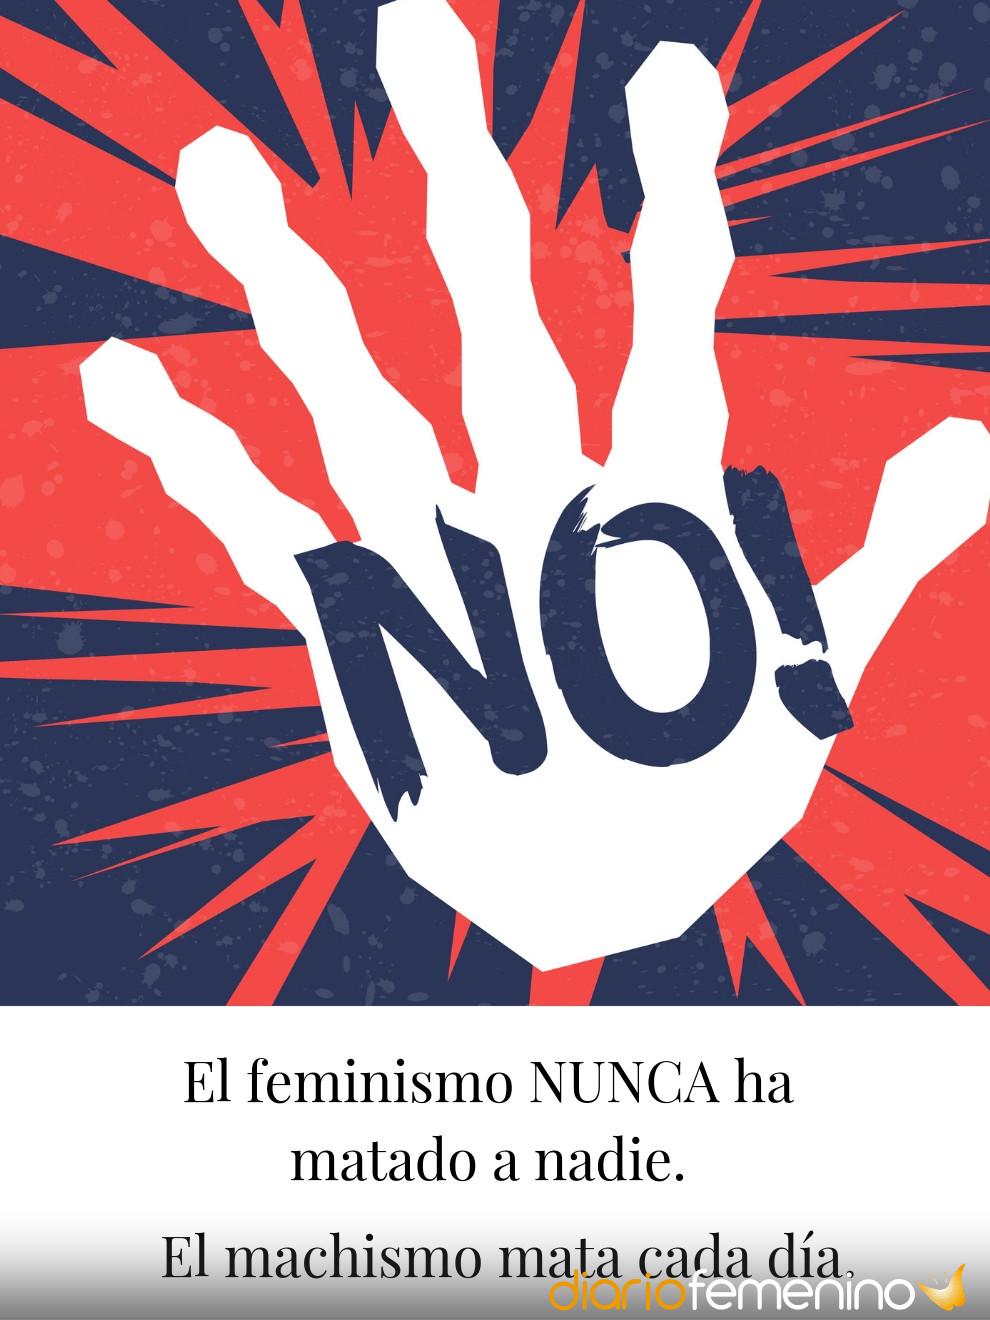 Tarjeta para luchar contra la violencia de género en el Día de la Mujer